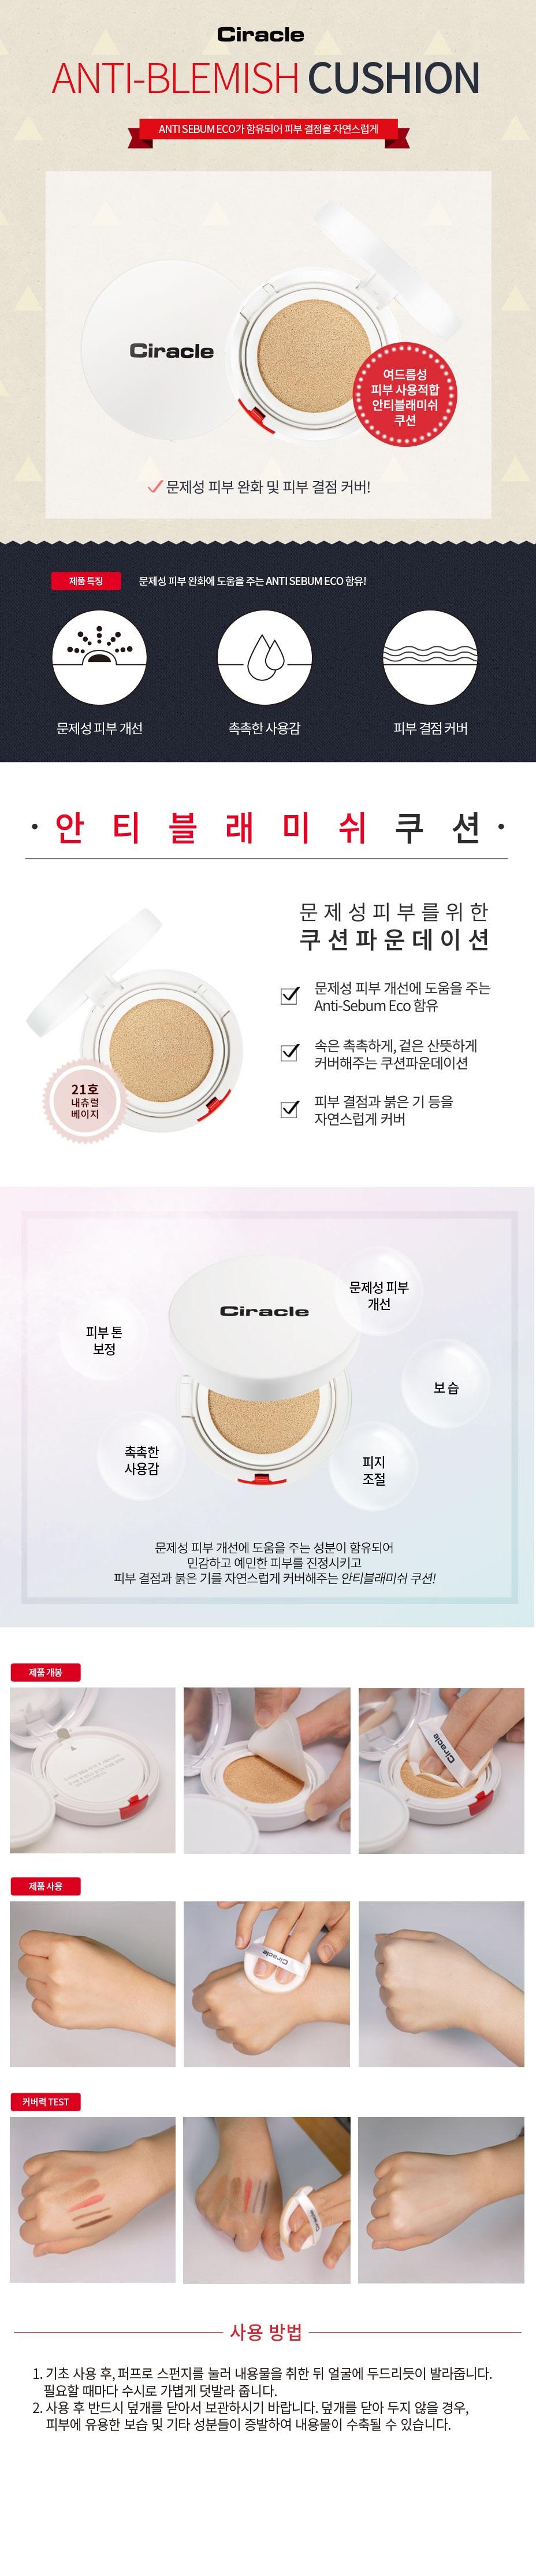 COSRX CIRACLE Anti Blemish cushion korean cosmetic makeup product online shop malaysia cambodia hong kong1